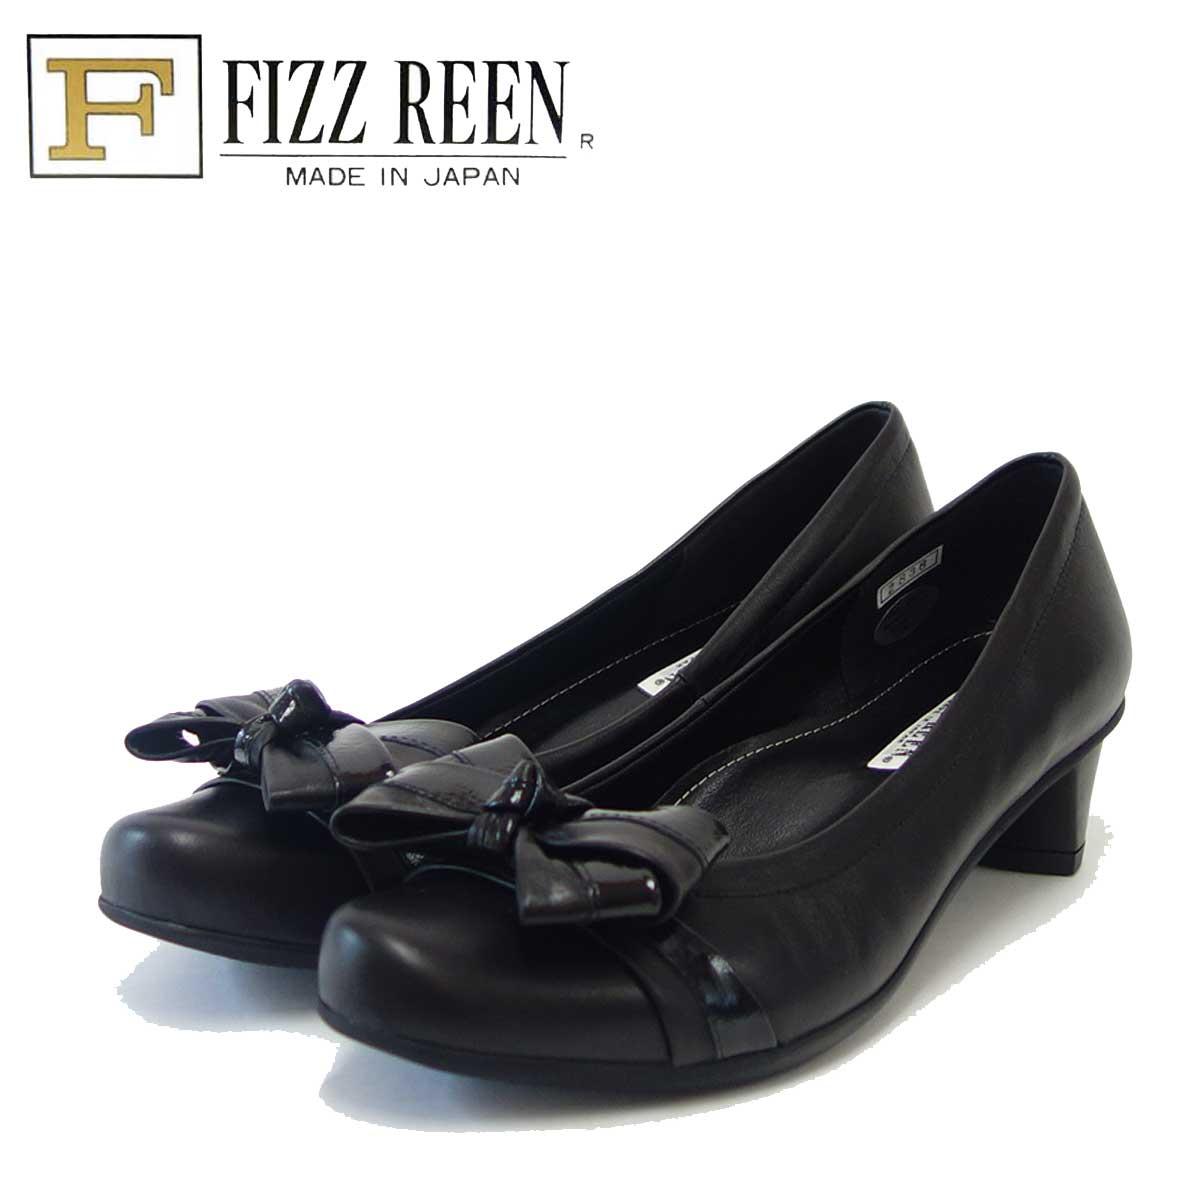 FIZZ REEN フィズリーン  2838 ブラック(レディース)快適EEEのローヒールパンプス(日本製)「靴」